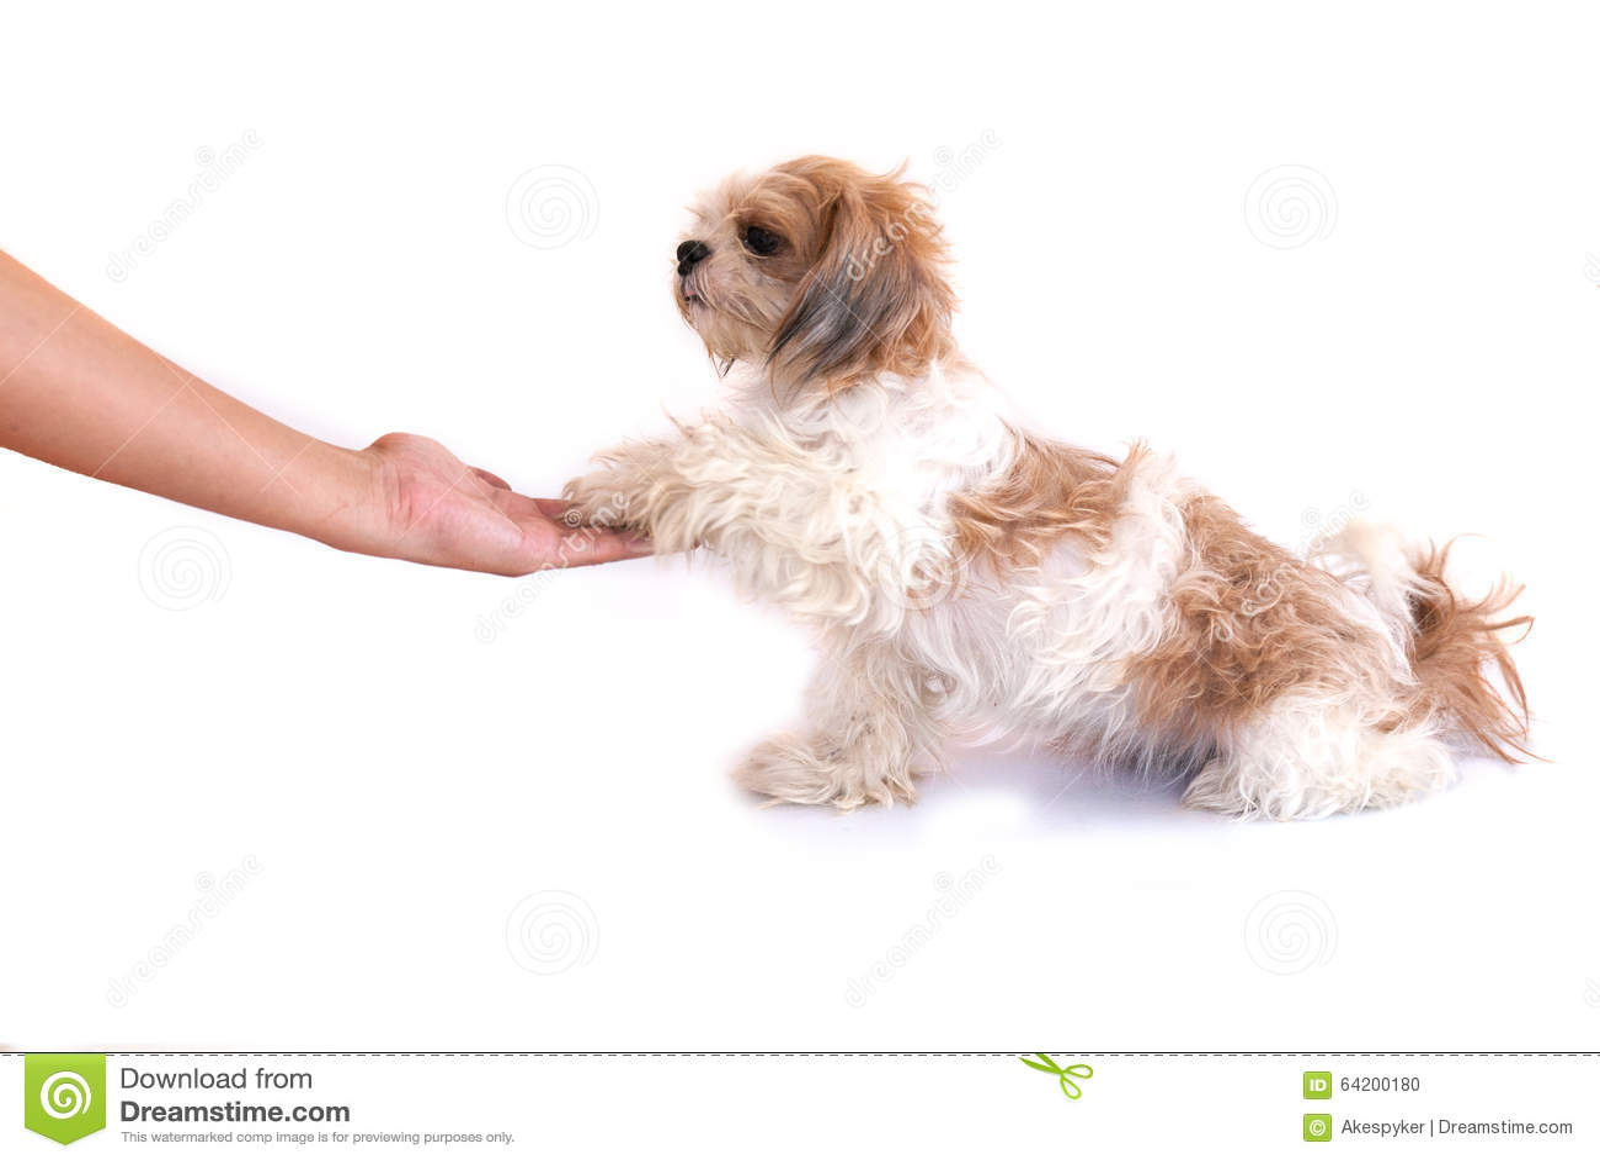 Perro aislado en blanco